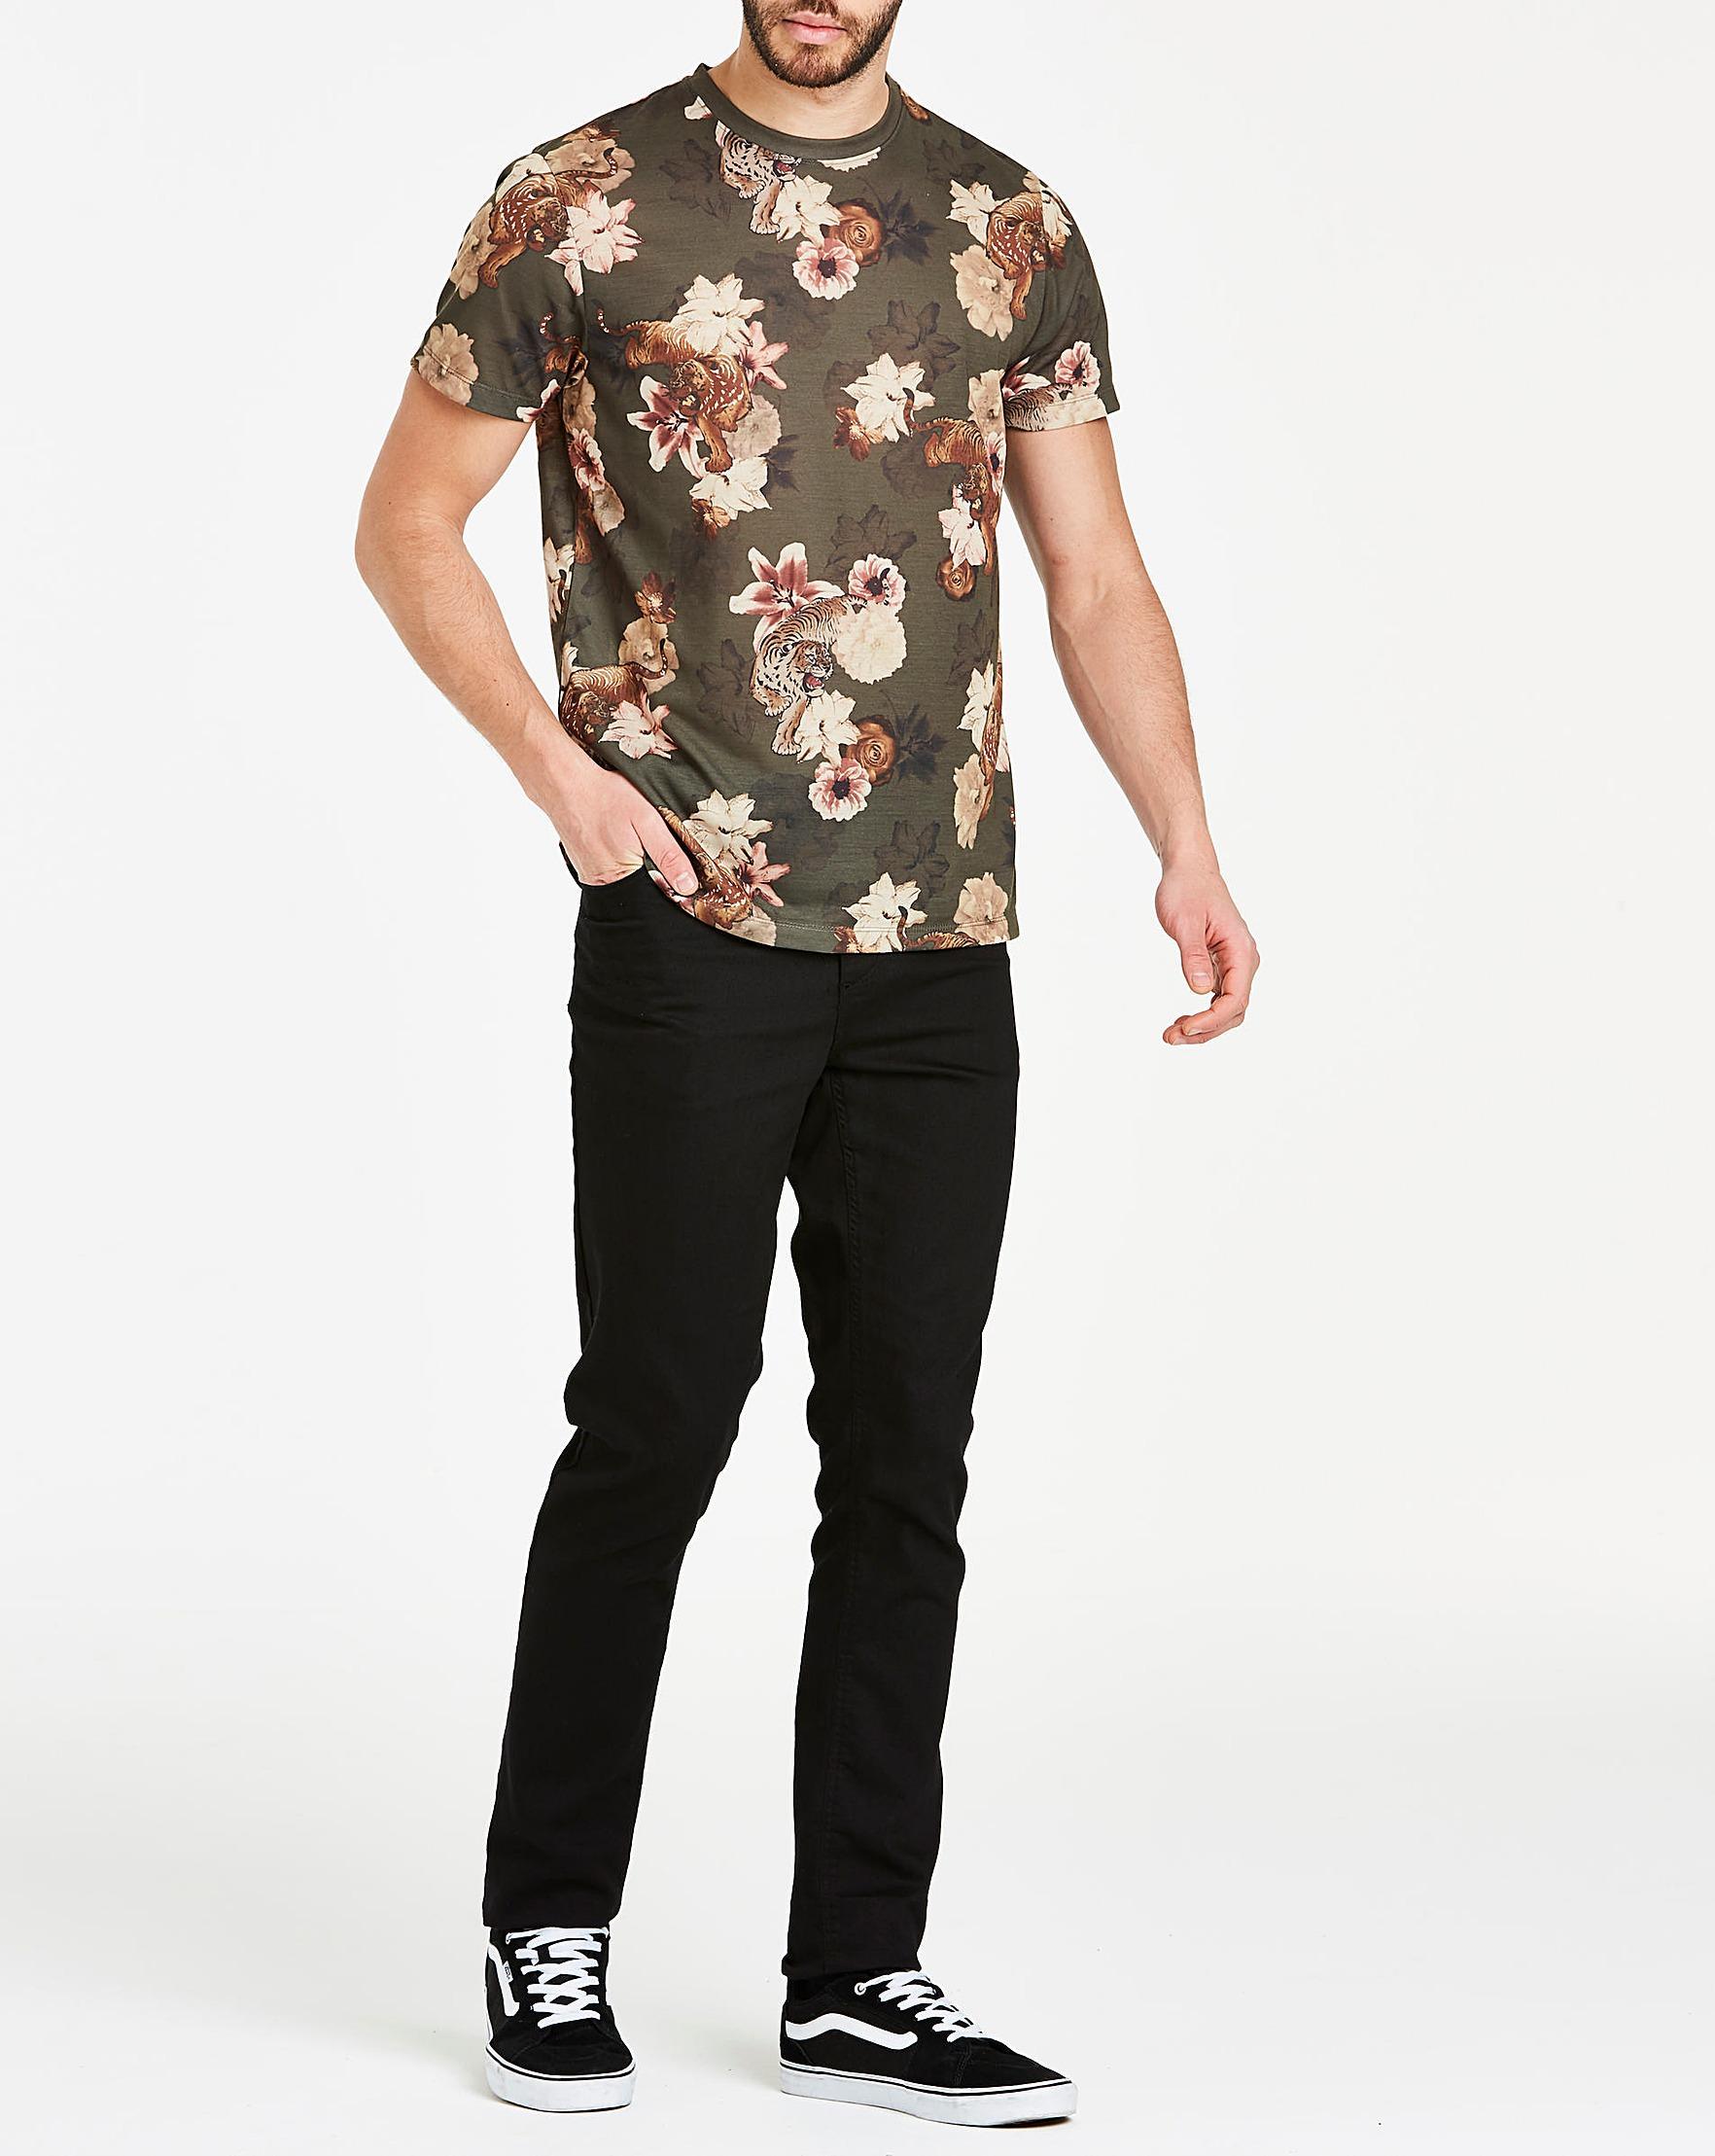 f92bc8465 Jacamo Tiger Print Sublimation T-shirt L for Men - Lyst